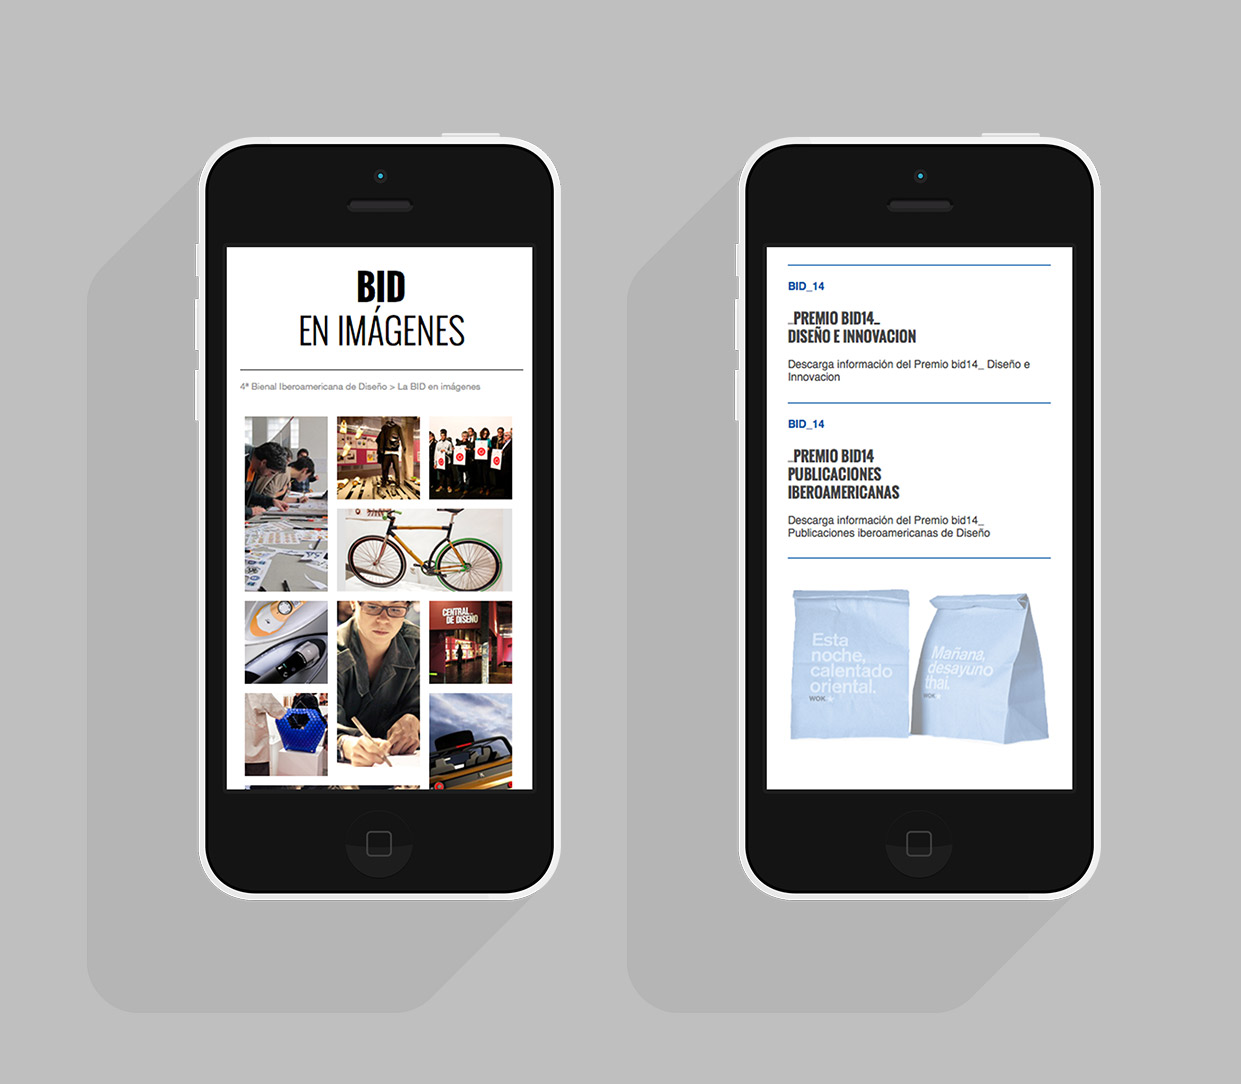 bid14-web-01.jpg